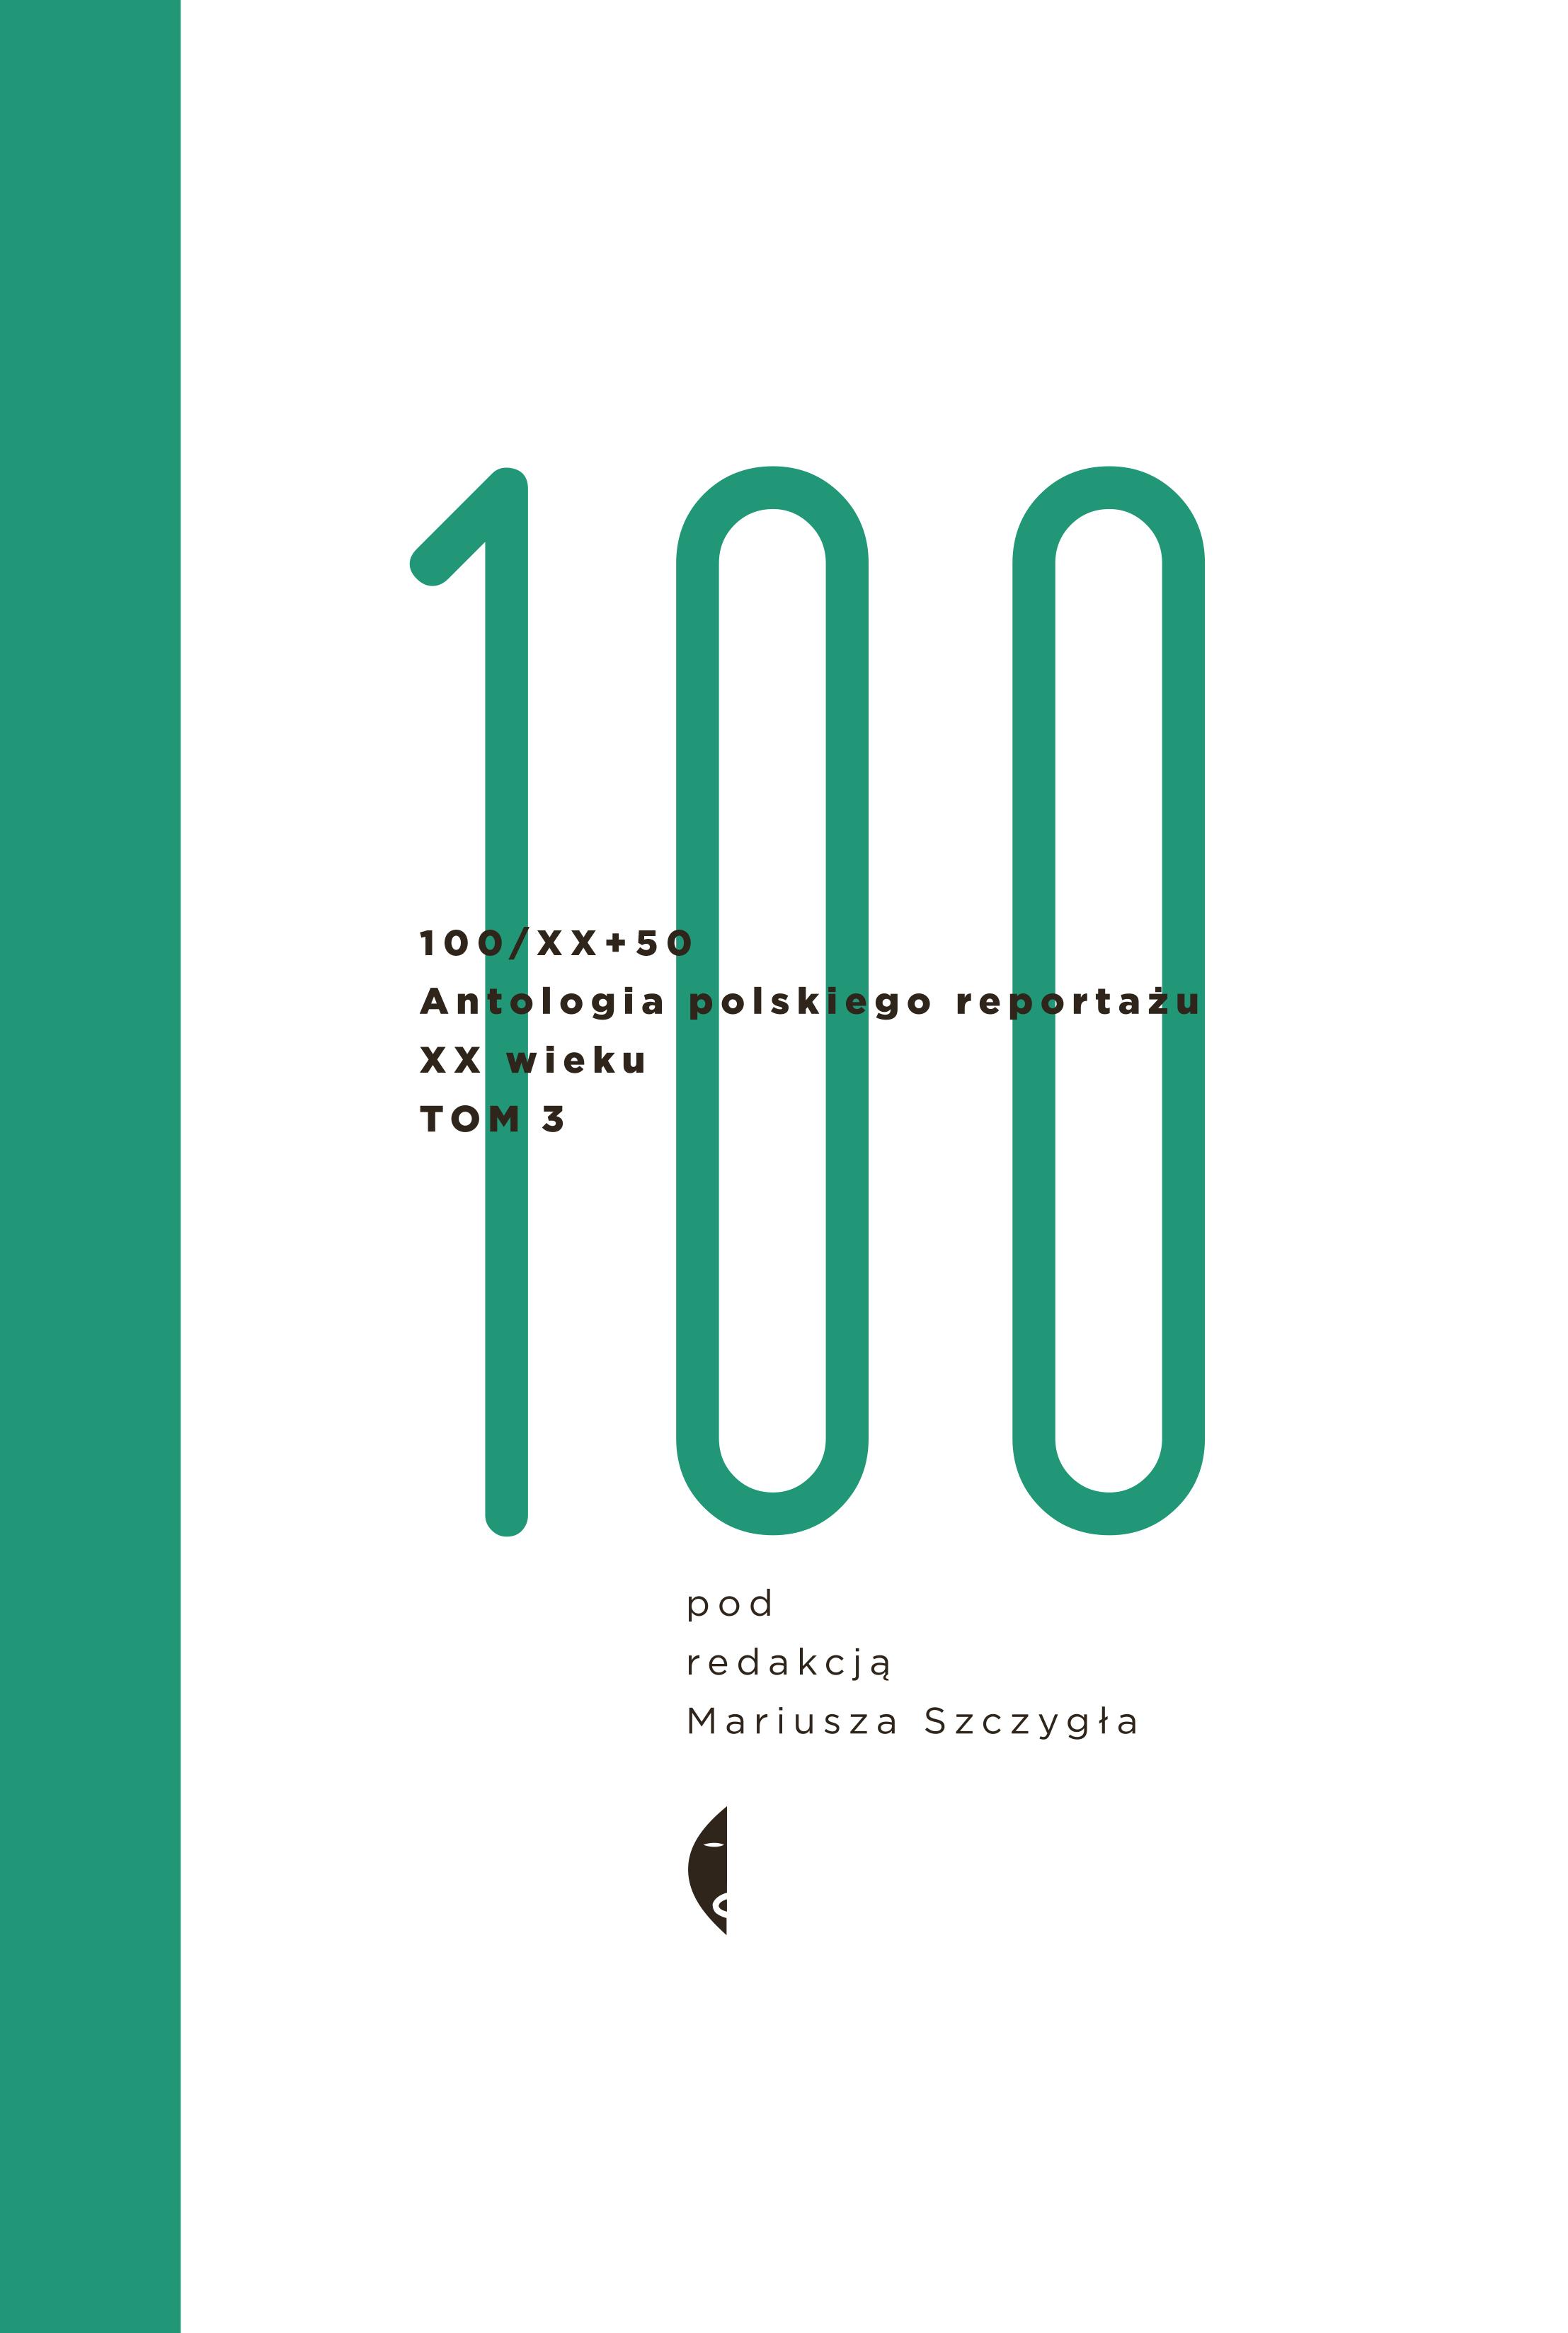 100/XX+50 - okładka